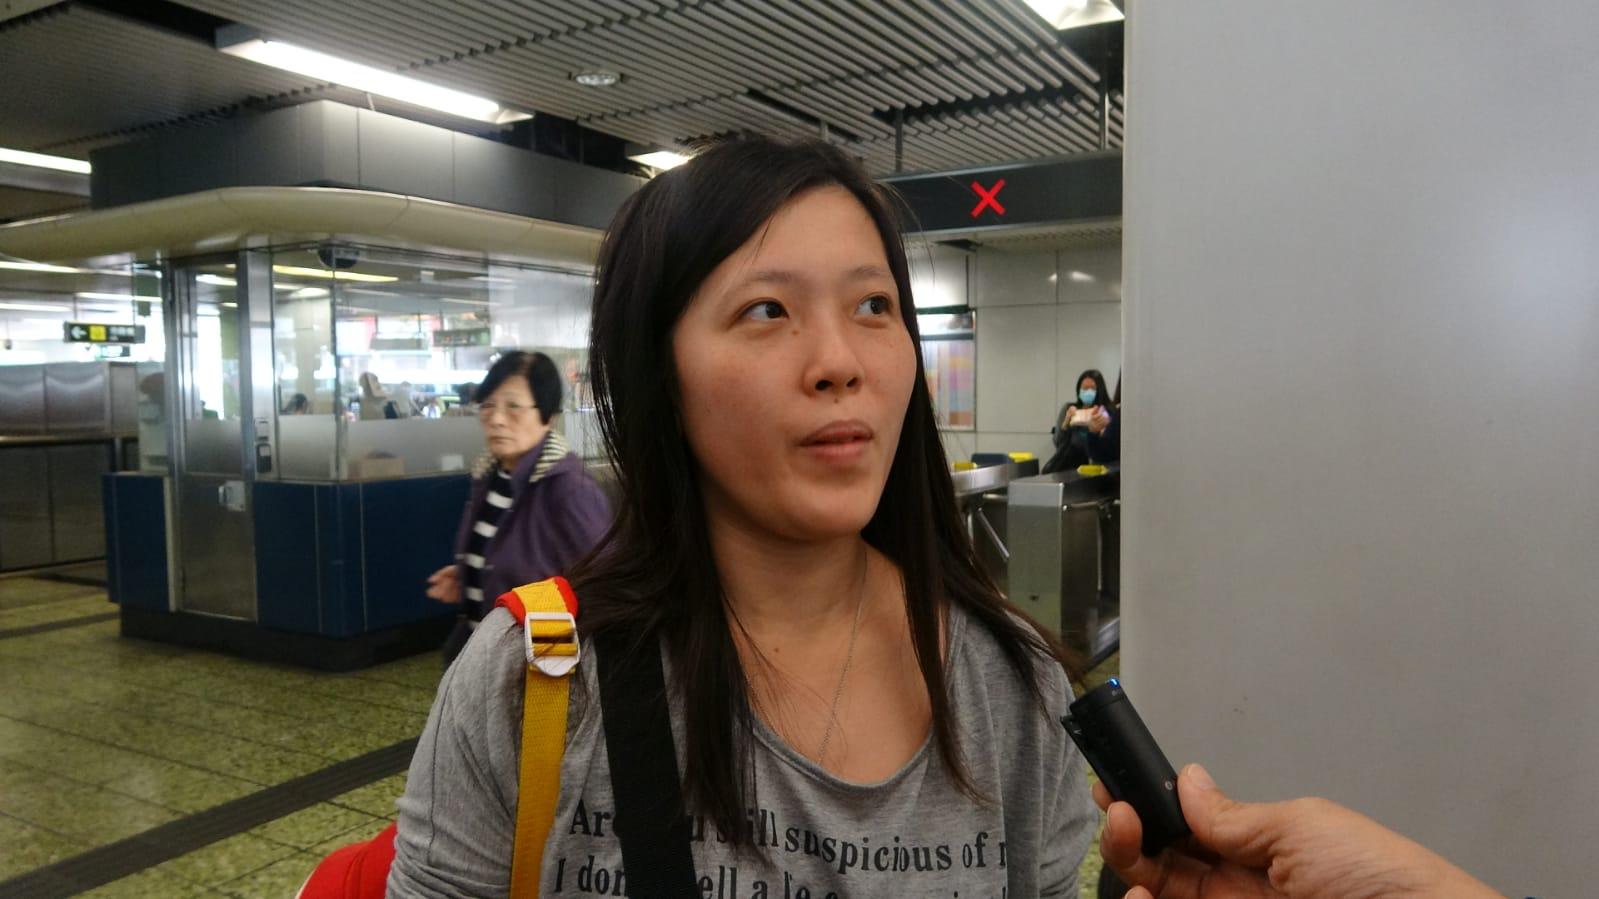 乘客連小姐就稱今次意外只是個別事件,她不擔心使用扶手電梯。